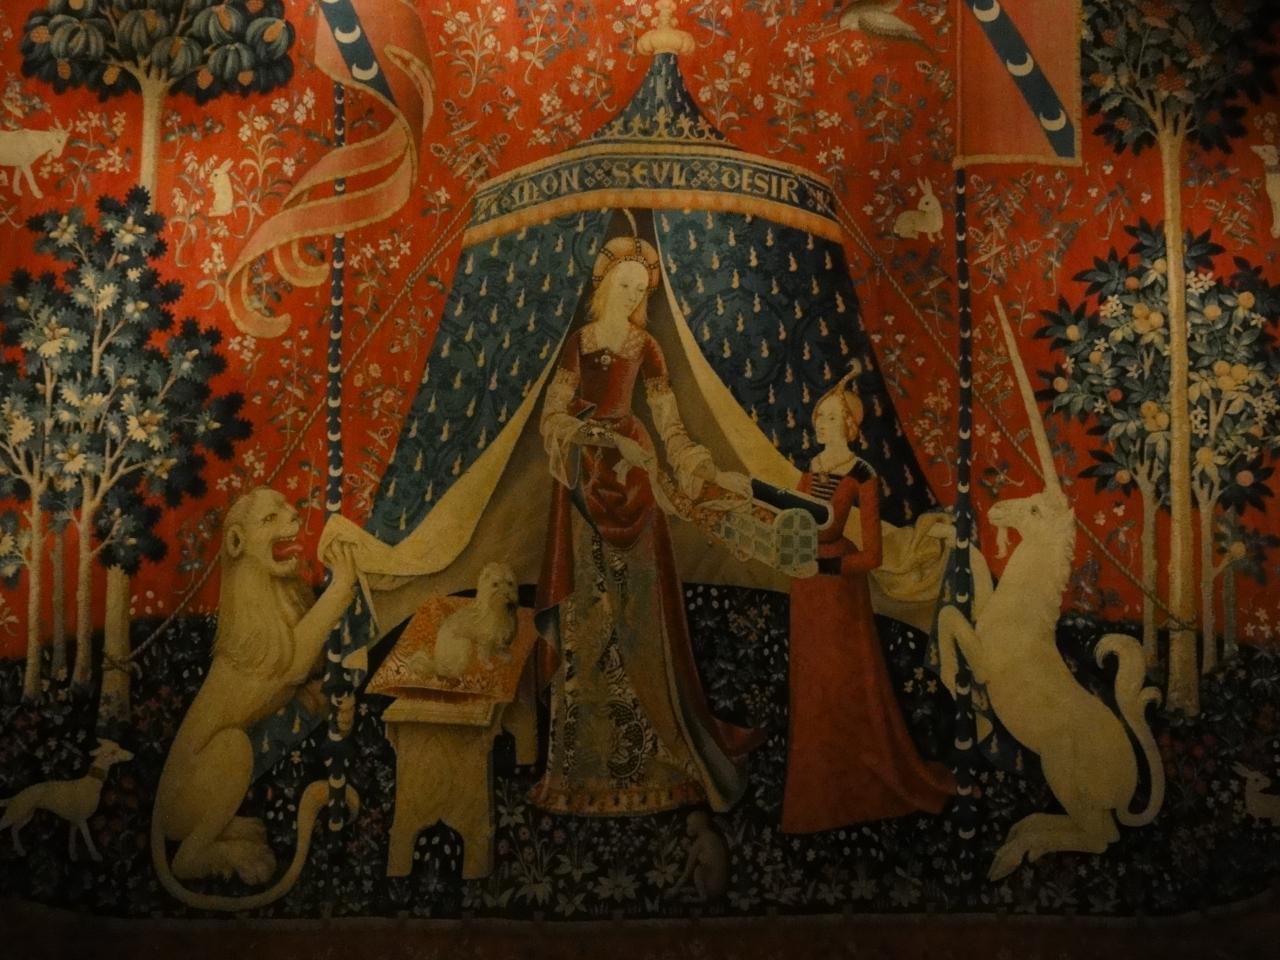 中世美術館 パリ パリ フランス の旅行記 ブログ By 川上さん フォートラベル